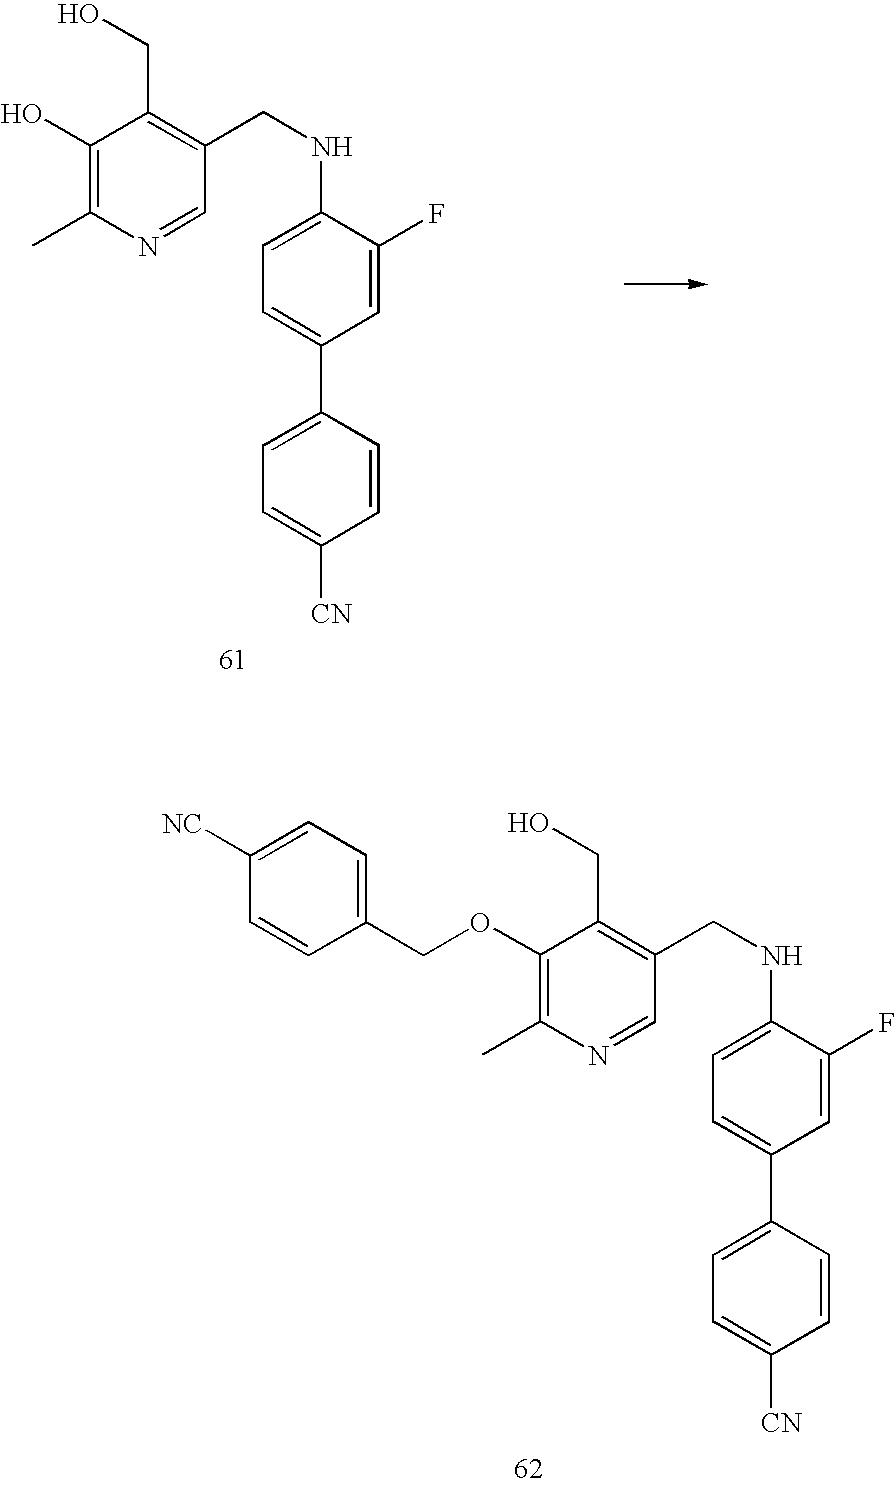 Figure US20060094761A1-20060504-C00089